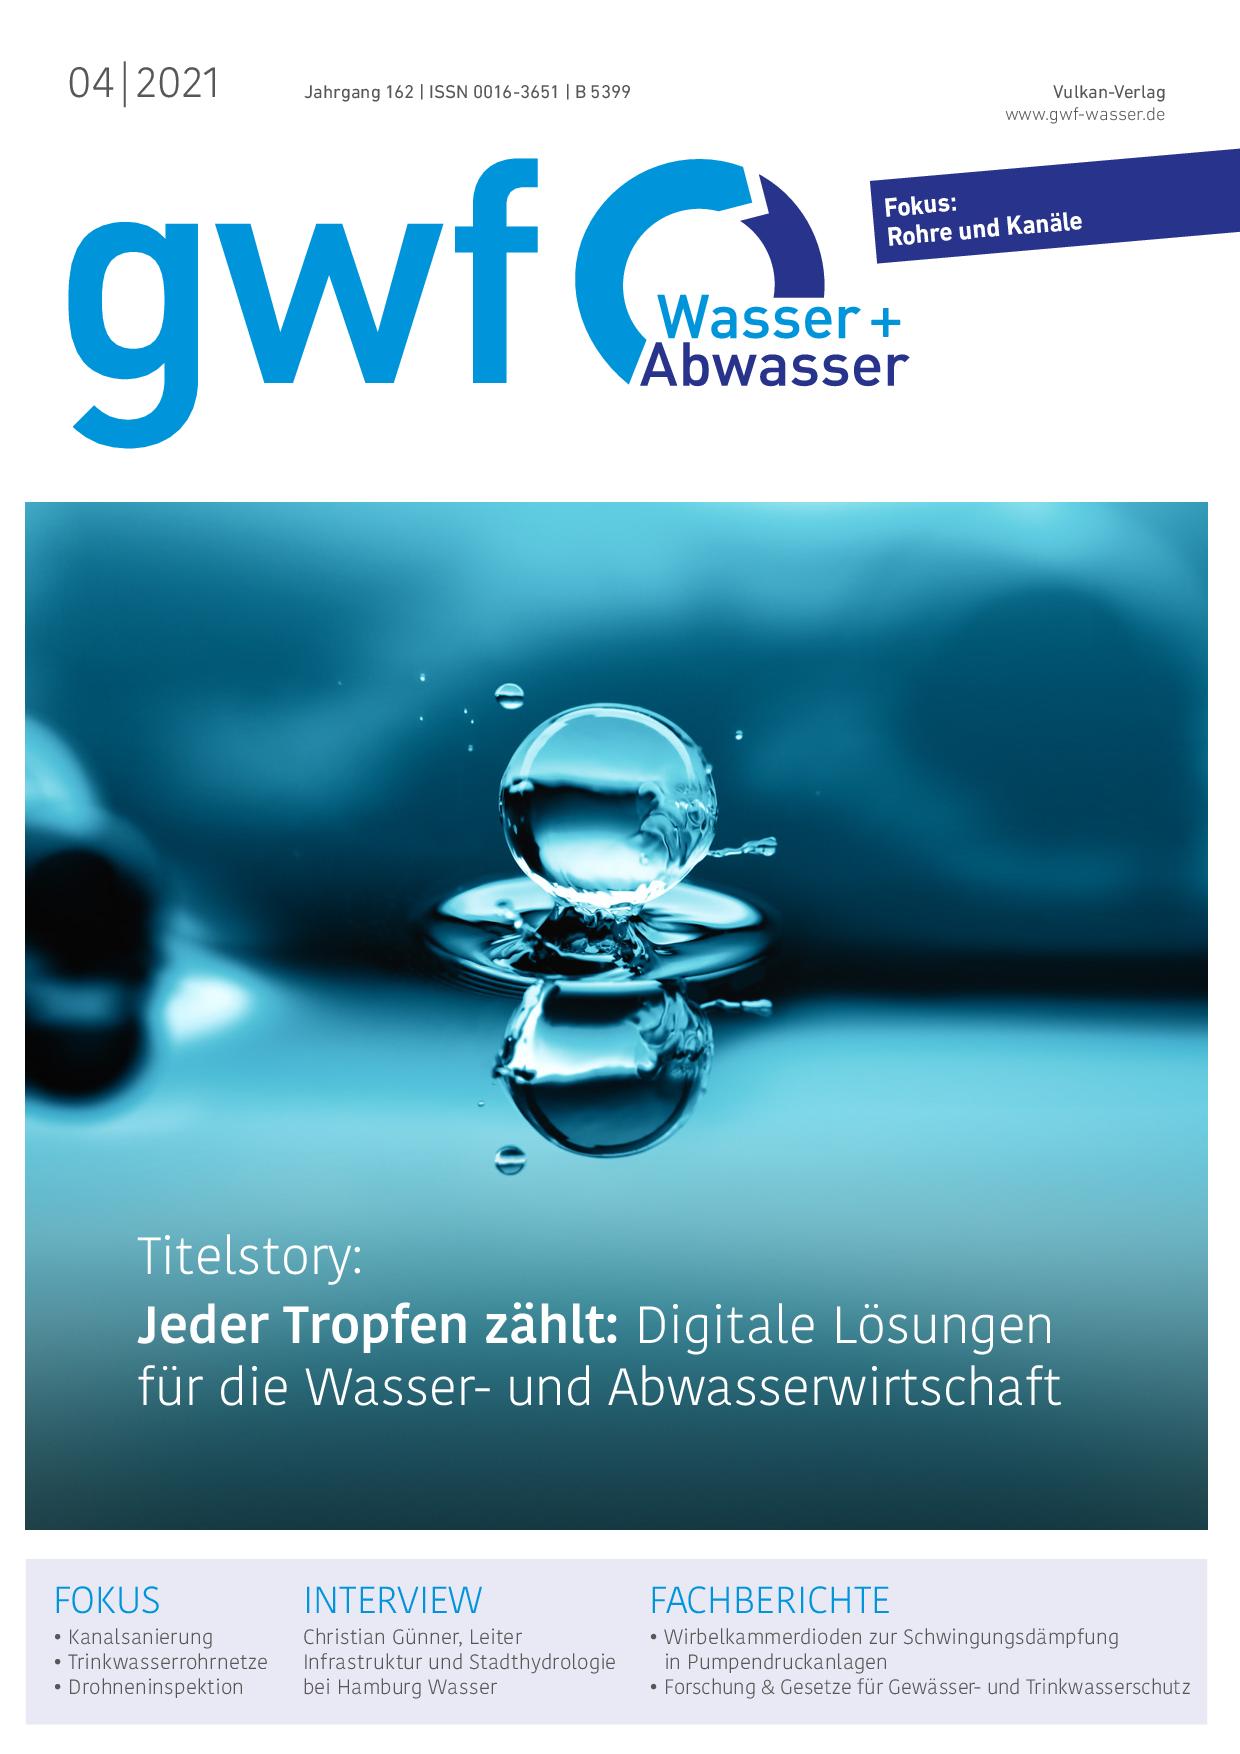 gwf – Wasser|Abwasser – 04 2021